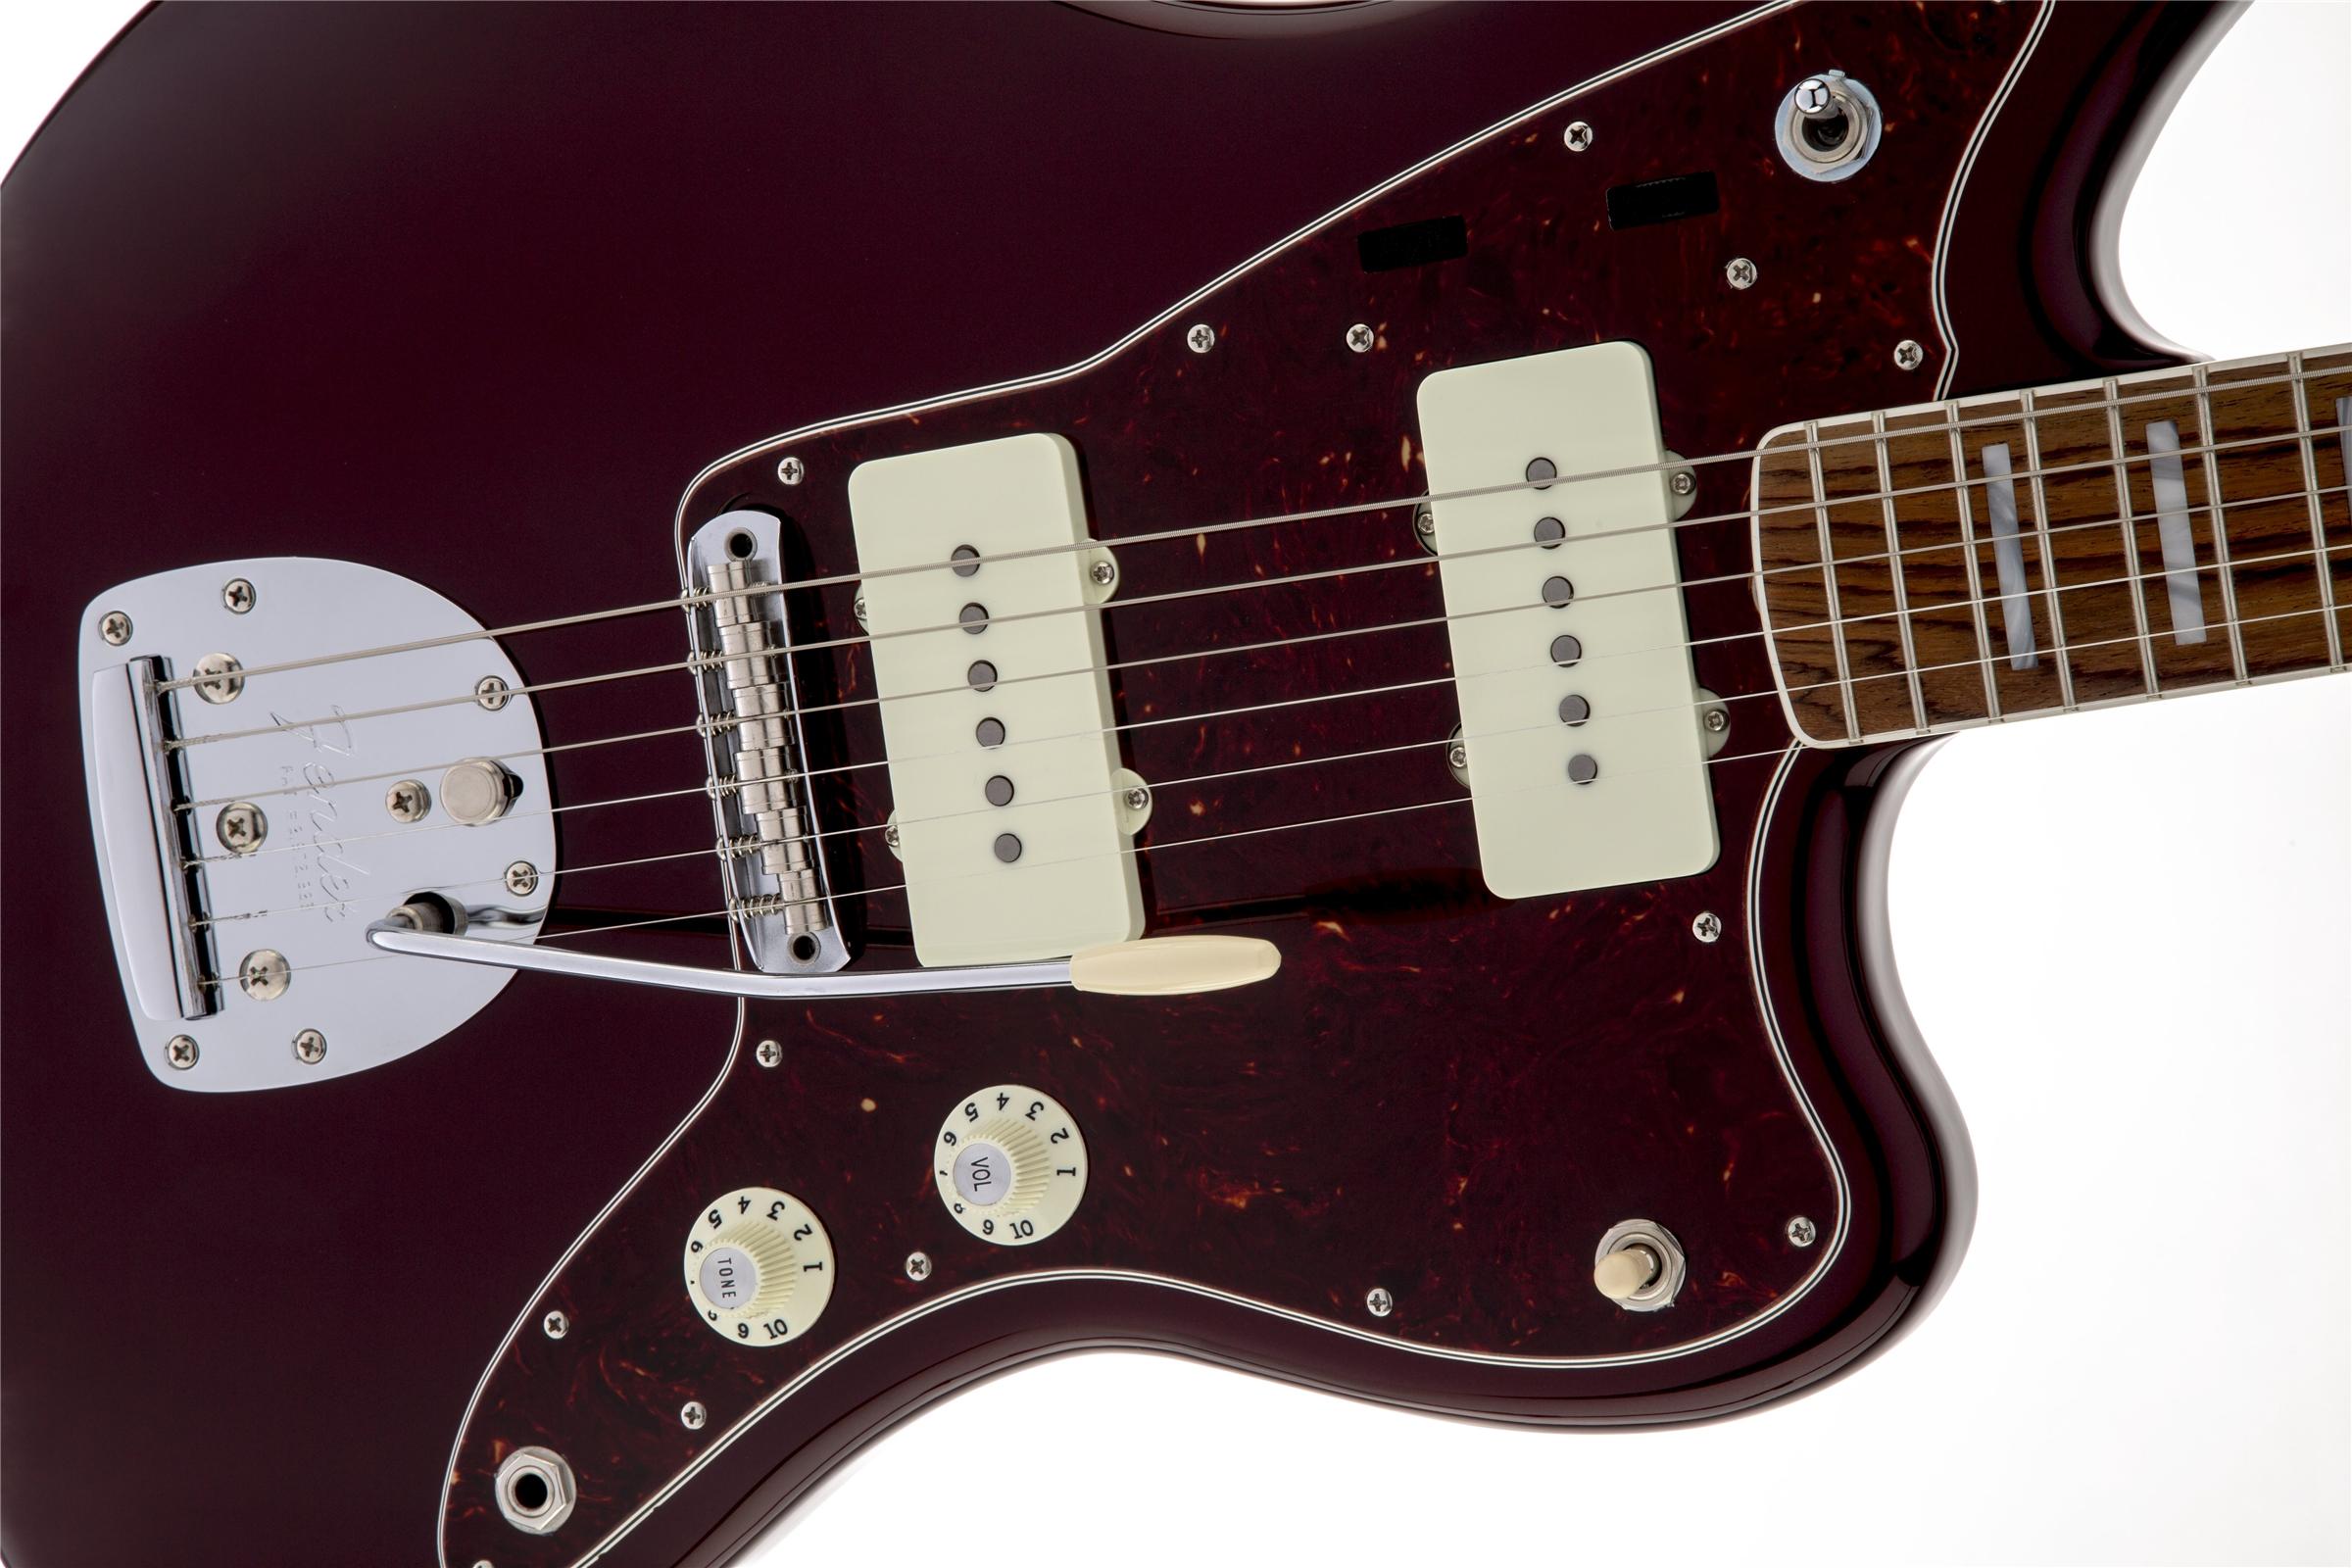 Niedlich Fender Jazzmaster Verkabelung Galerie - Schaltplan Serie ...